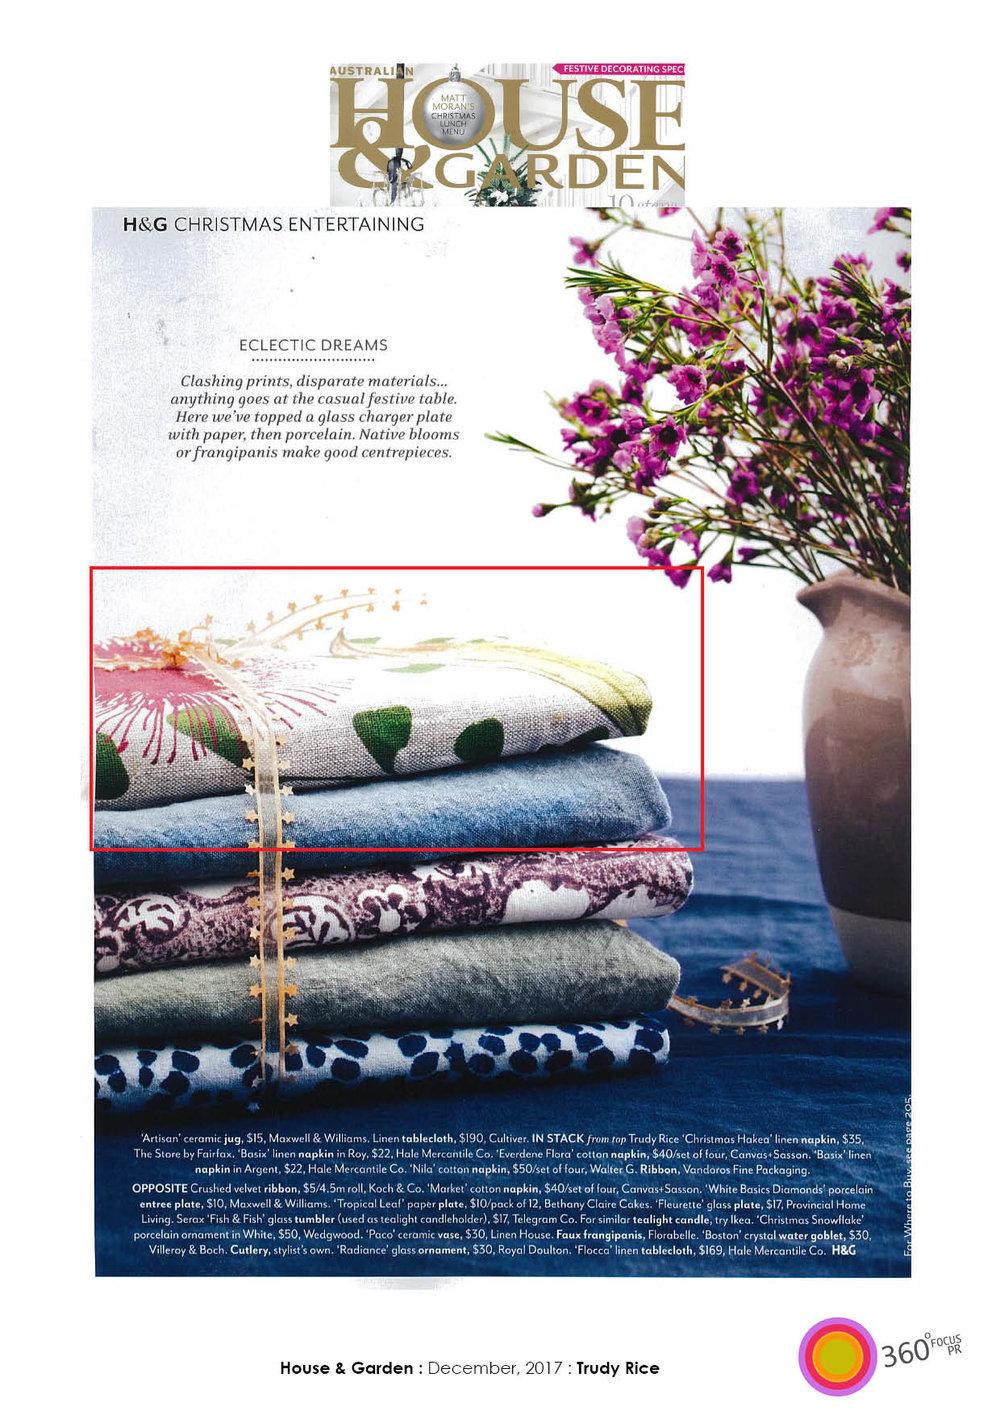 House & Garden - December 2017 Issue